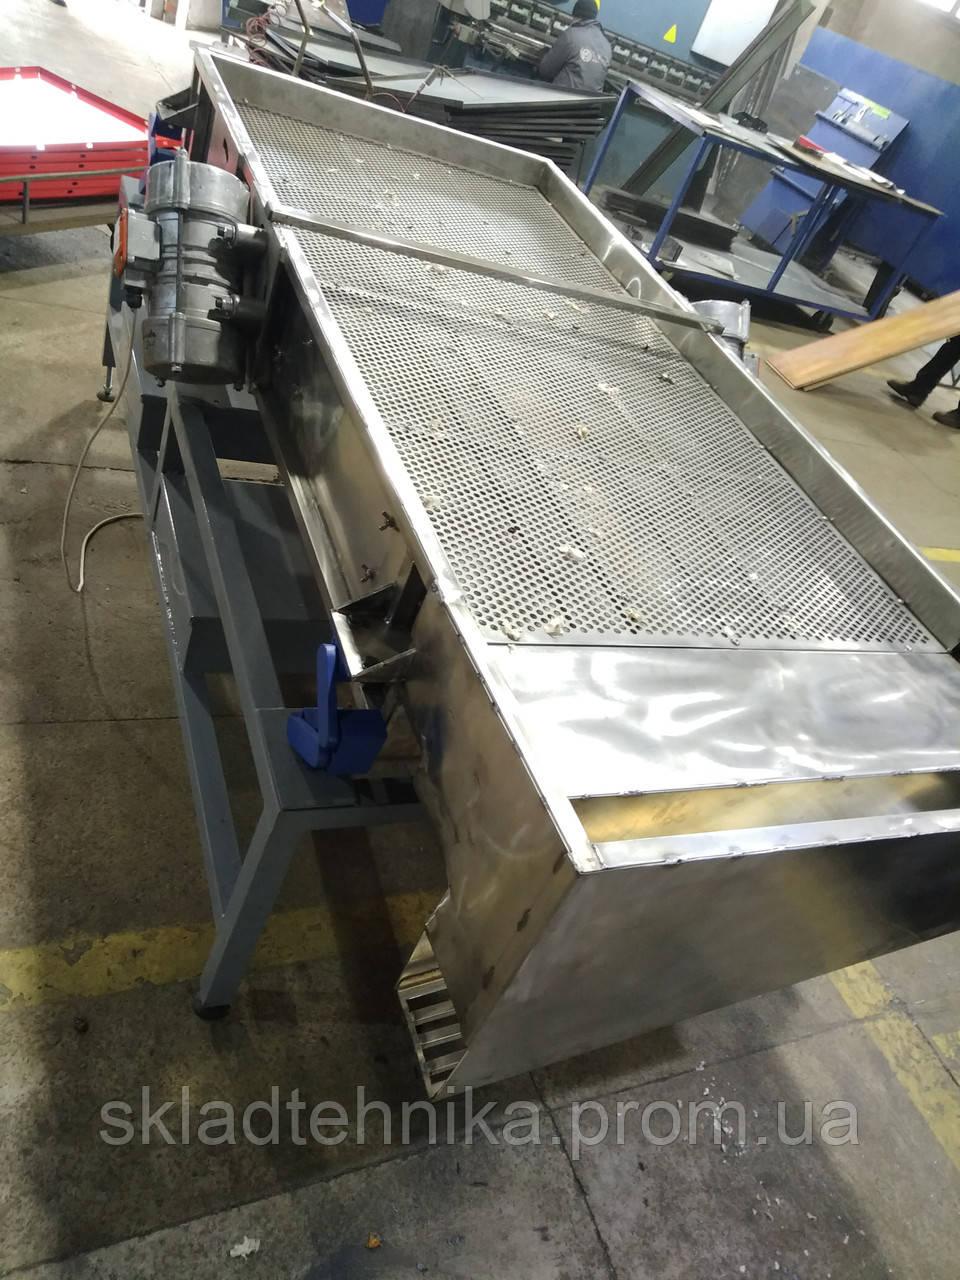 Конвейер улитка контрактные двигатели транспортер т3